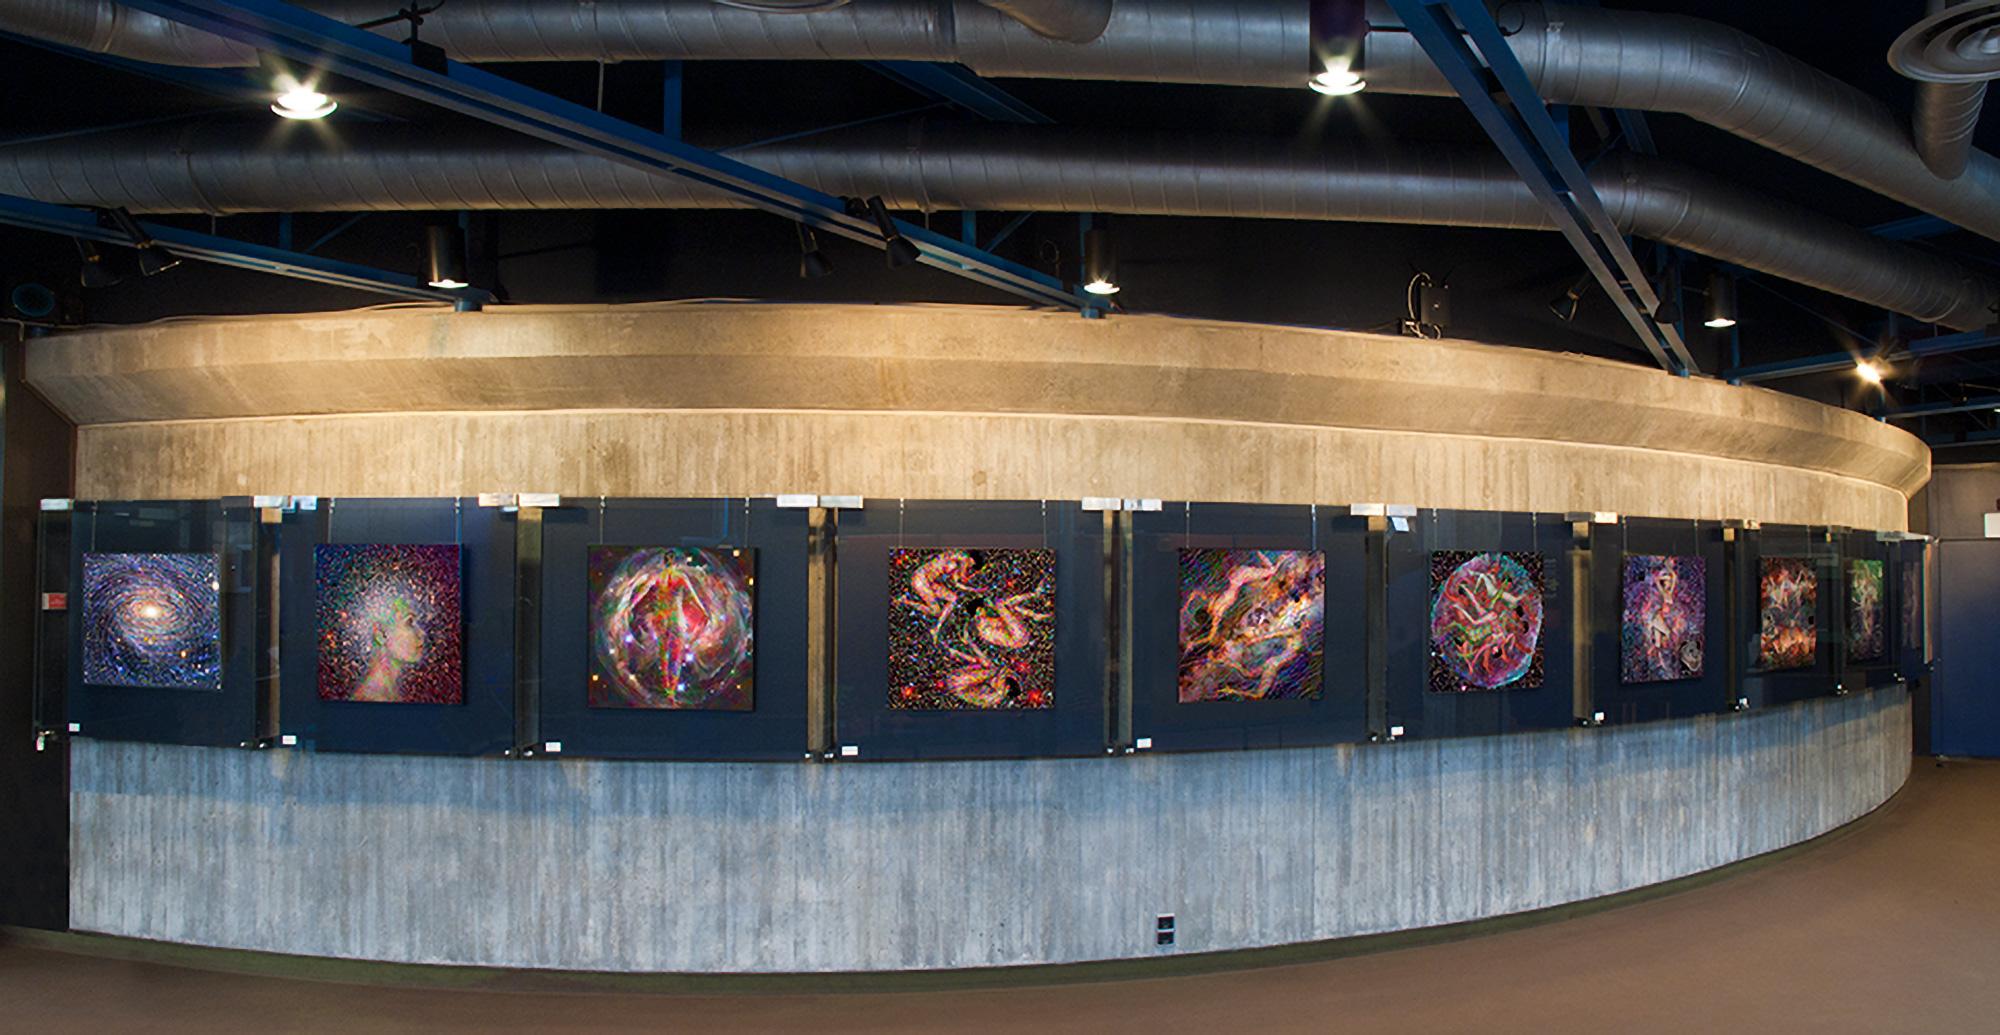 Bärbel Hornung | Ausstellung Planetarium Stuttgart | 2010